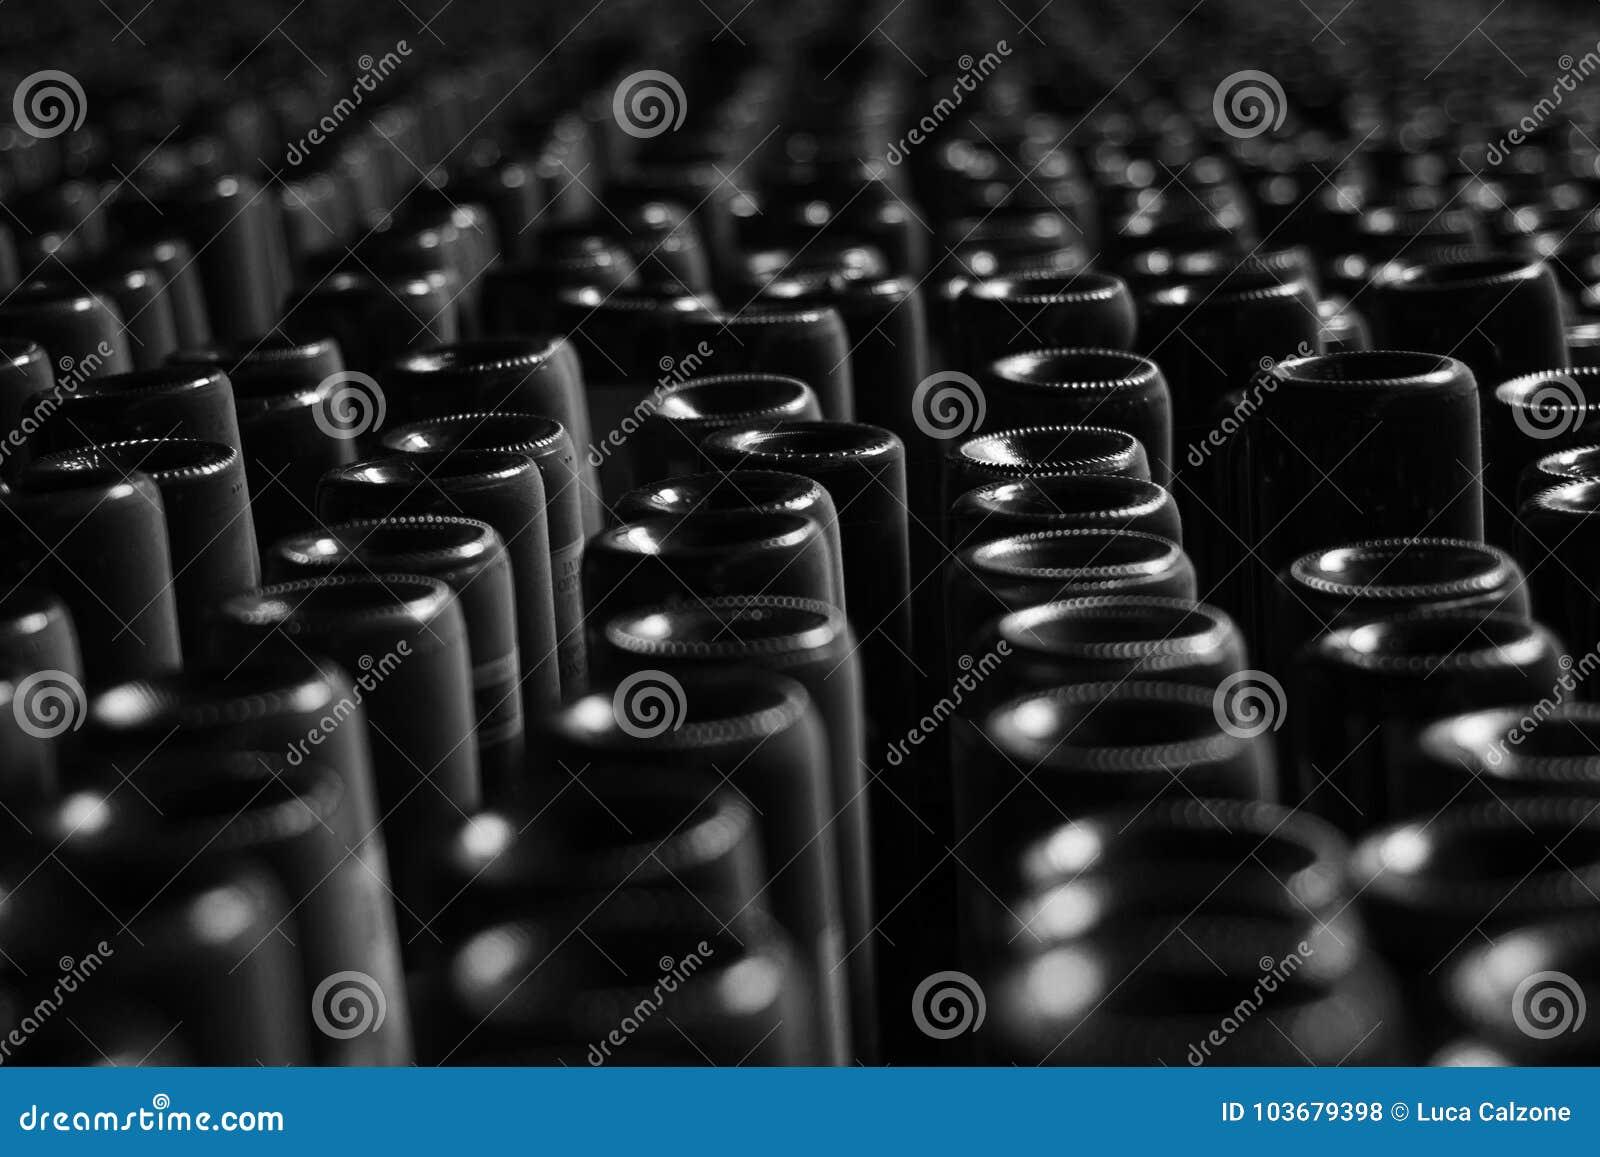 Γραπτή εικόνα των μπουκαλιών κρασιού